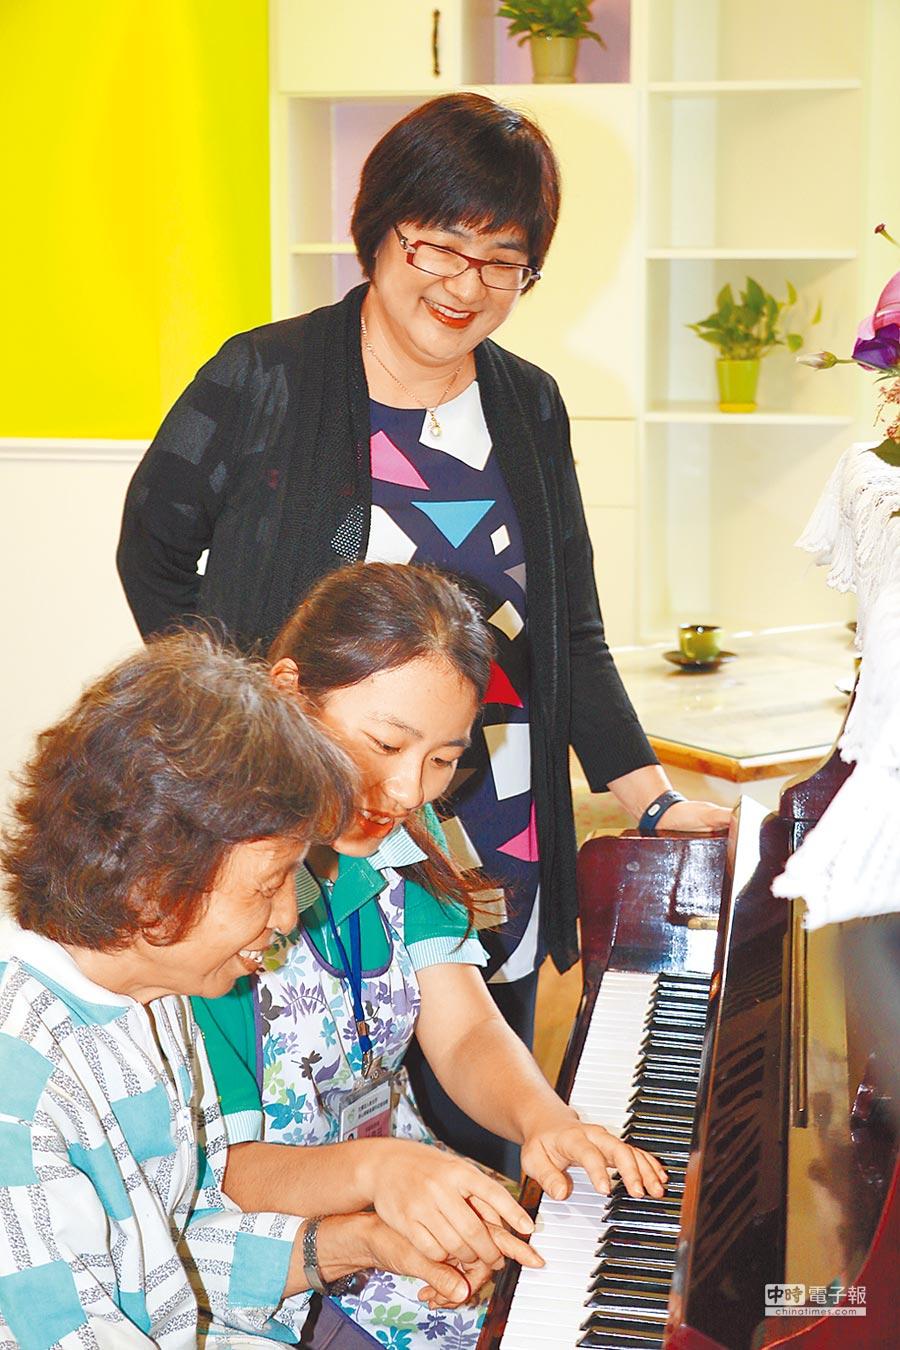 板橋愛活樂園13日正式啟用,照服員引導中度失智的蔡女士彈鋼琴。(葉書宏攝)